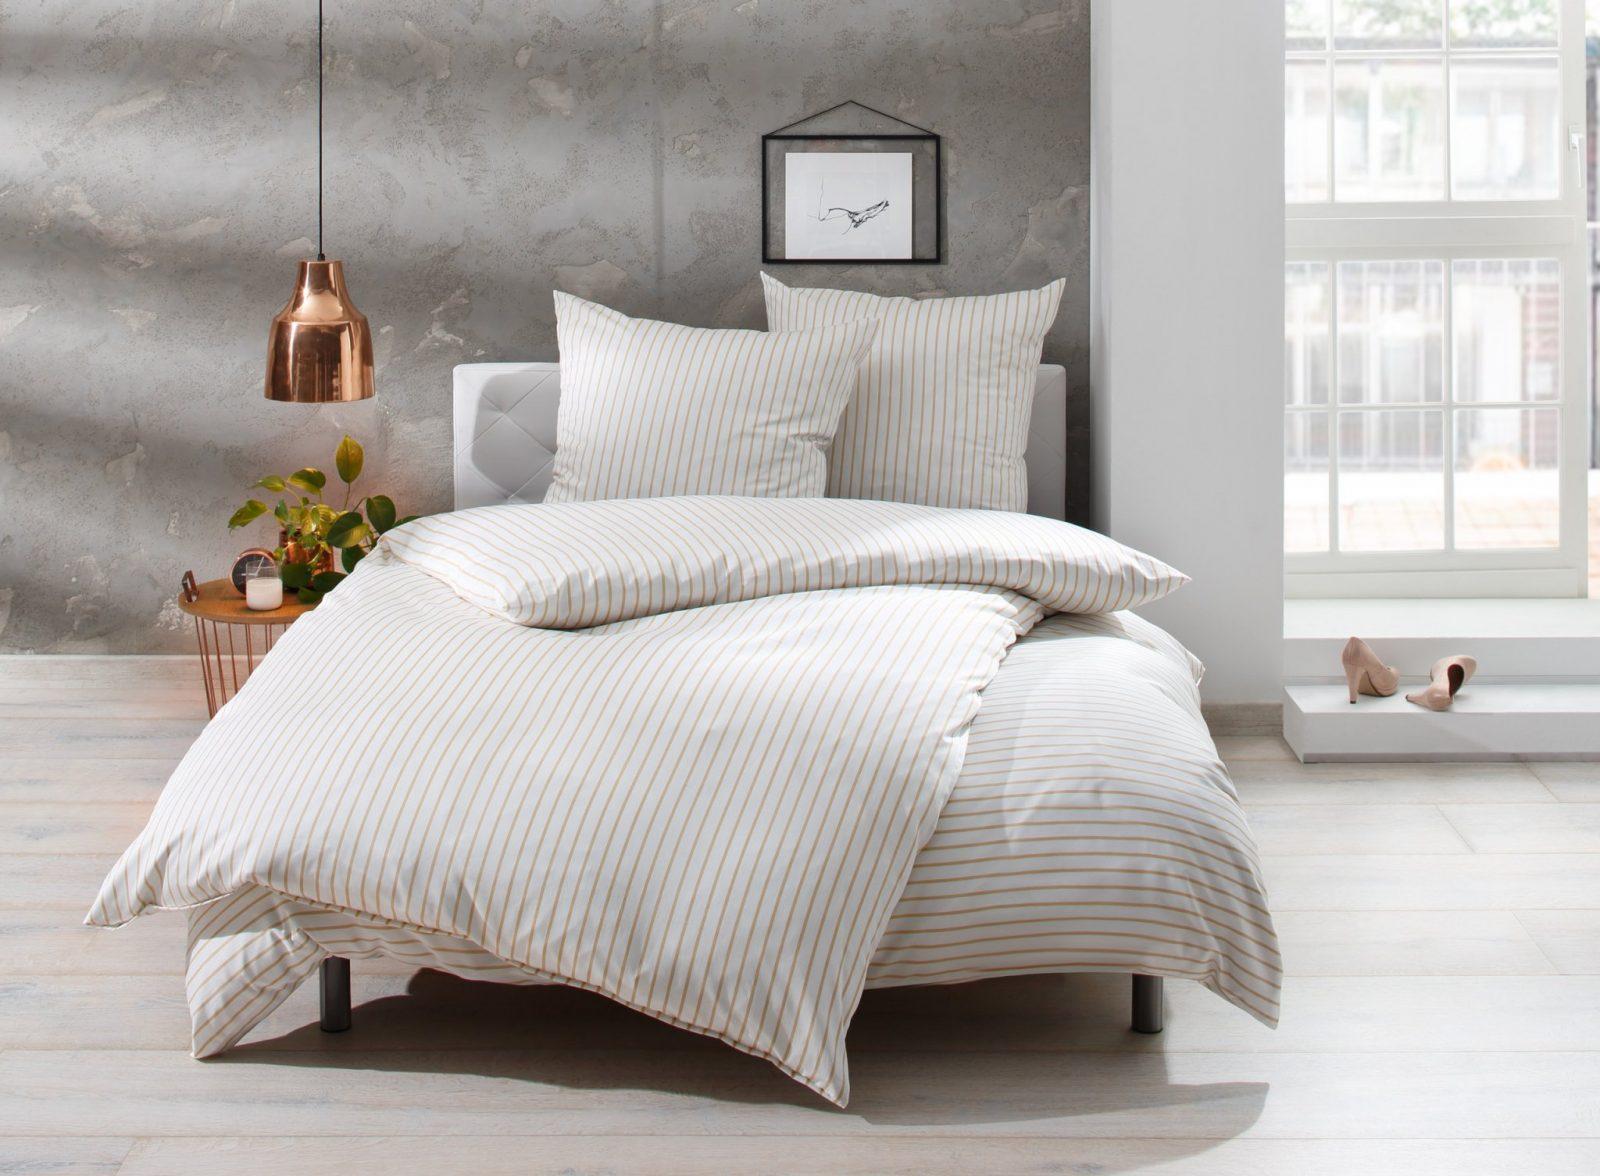 Mako Satin Streifen Bettwäsche In Beigeweiß Bei  Bms von Bettwäsche 200X200 Schwarz Weiß Bild